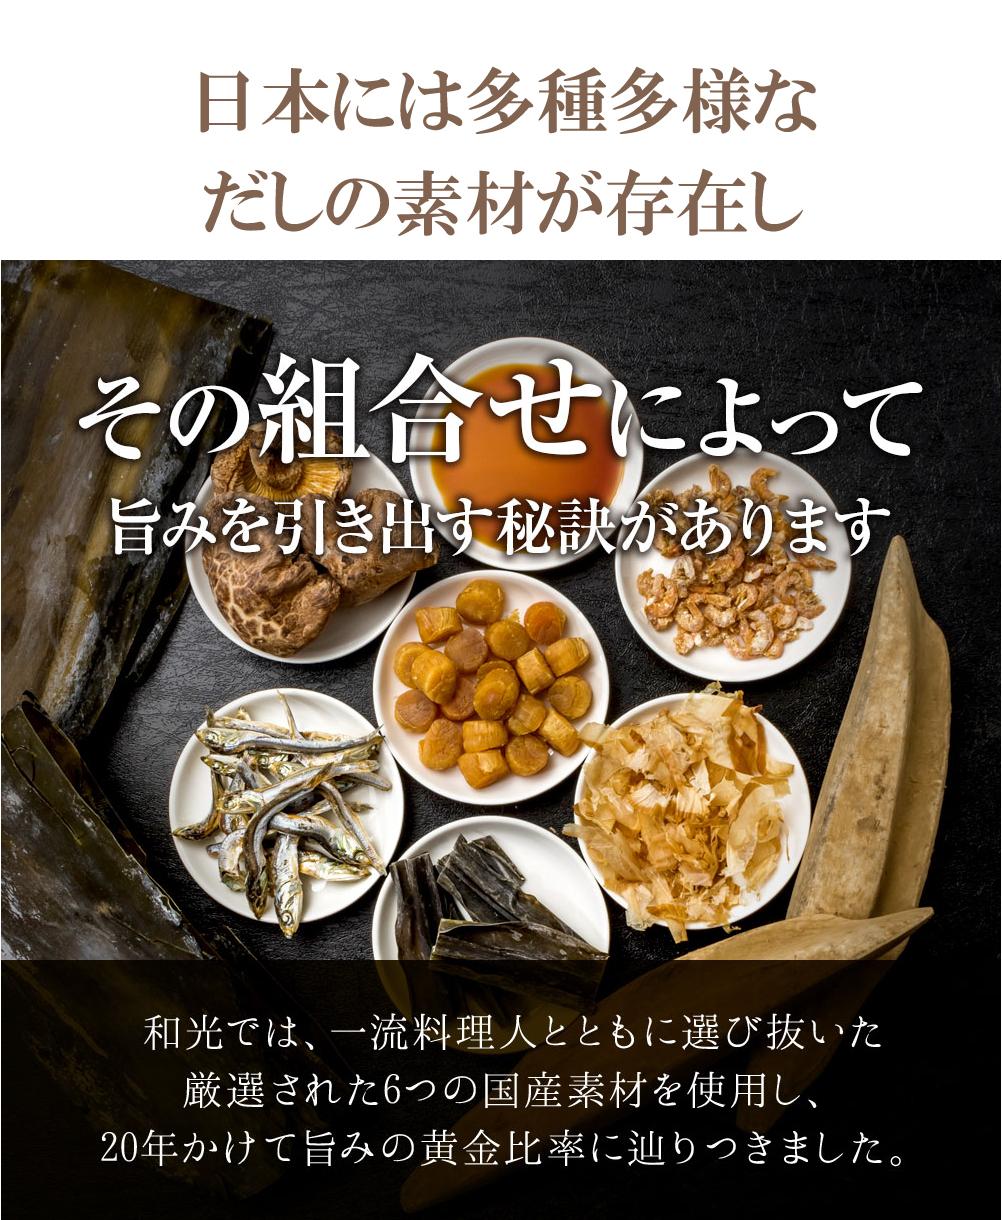 【送料無料】味の和光 博多あご入りふりだし 8g×50包 2個セット